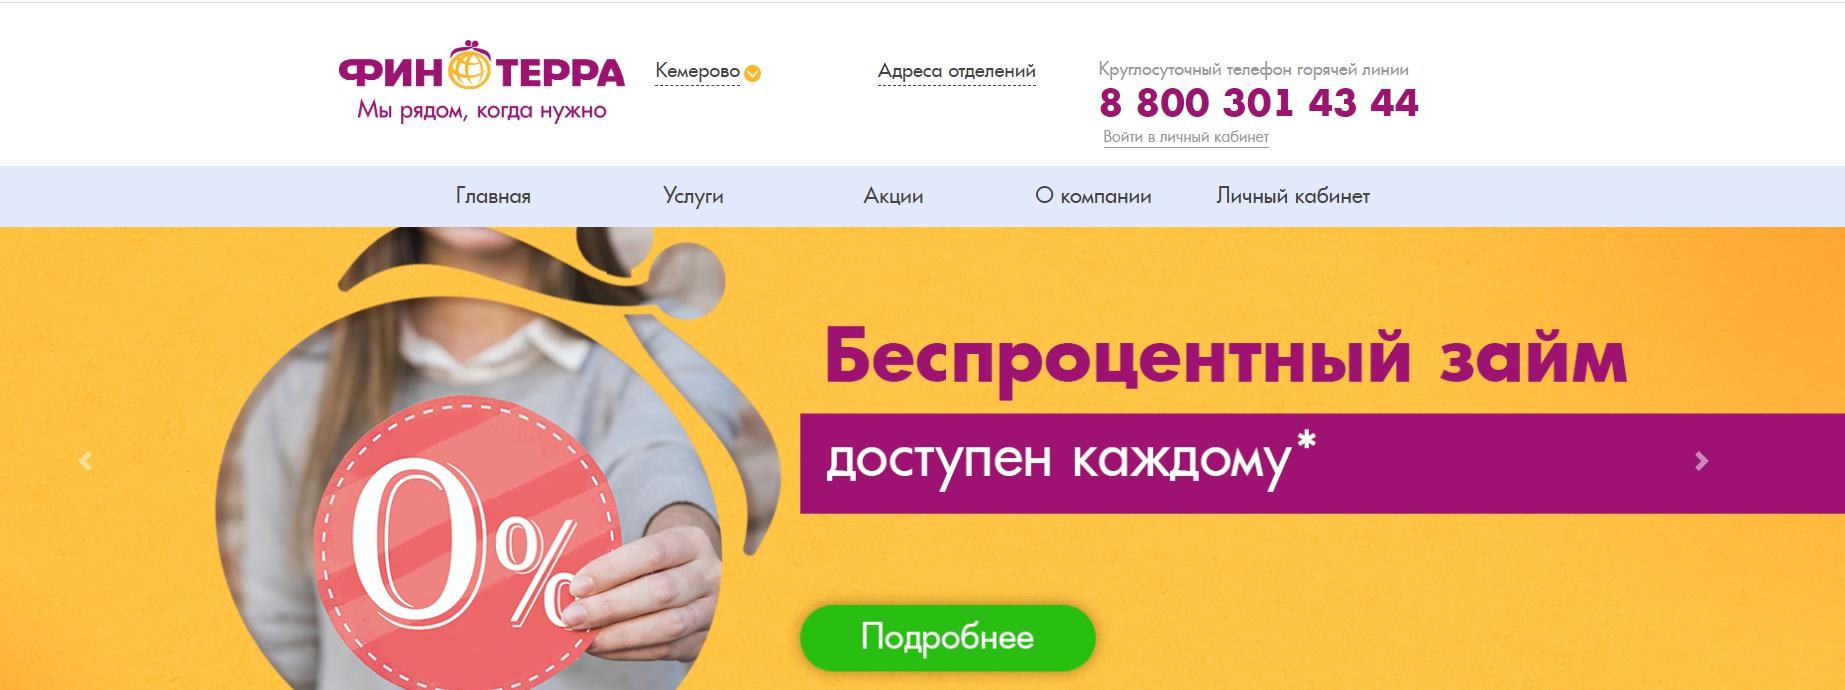 finterra-lichnyj-kabinet_